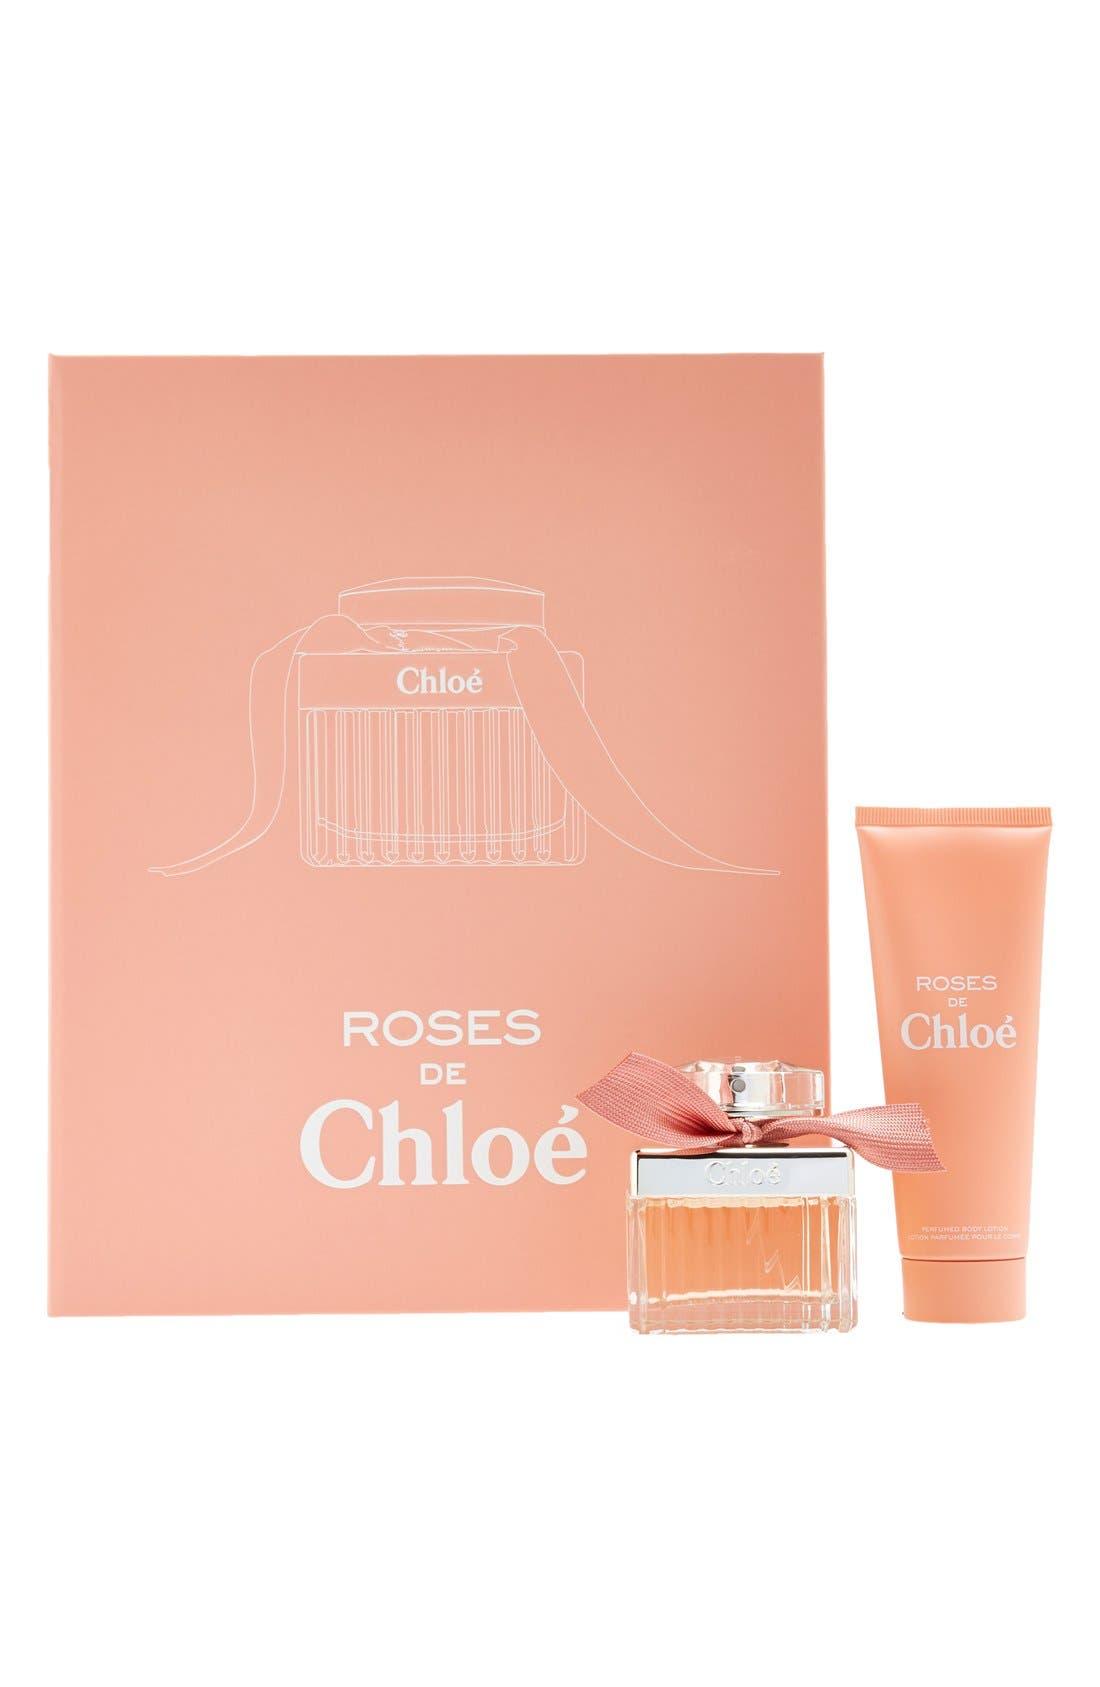 'Roses de Chloé' Set,                             Main thumbnail 1, color,                             000